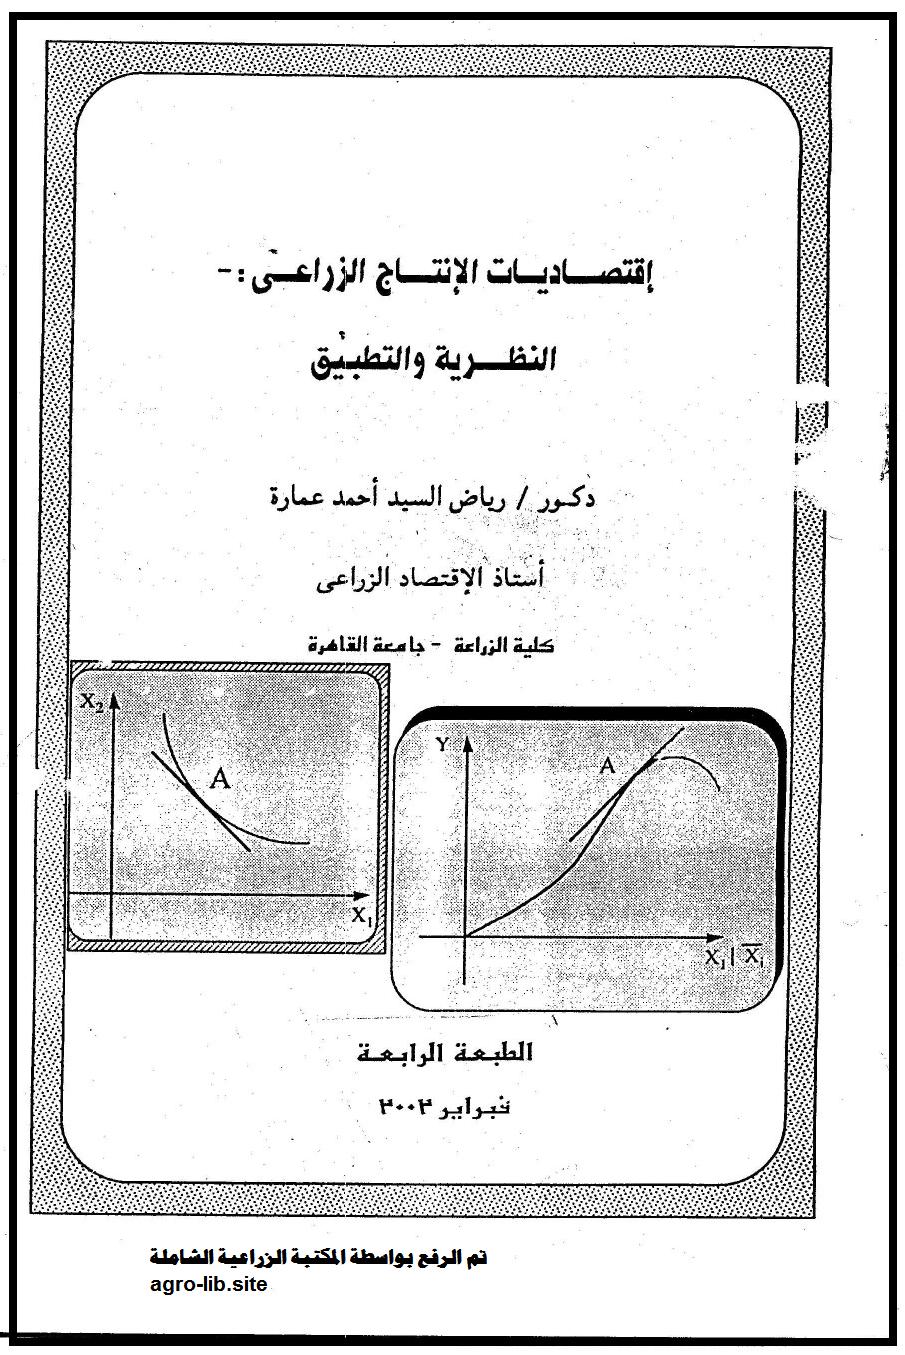 كتاب : إقتصاديات الإنتاج الزراعي - النظرية والتطبيق - الجزء الأول